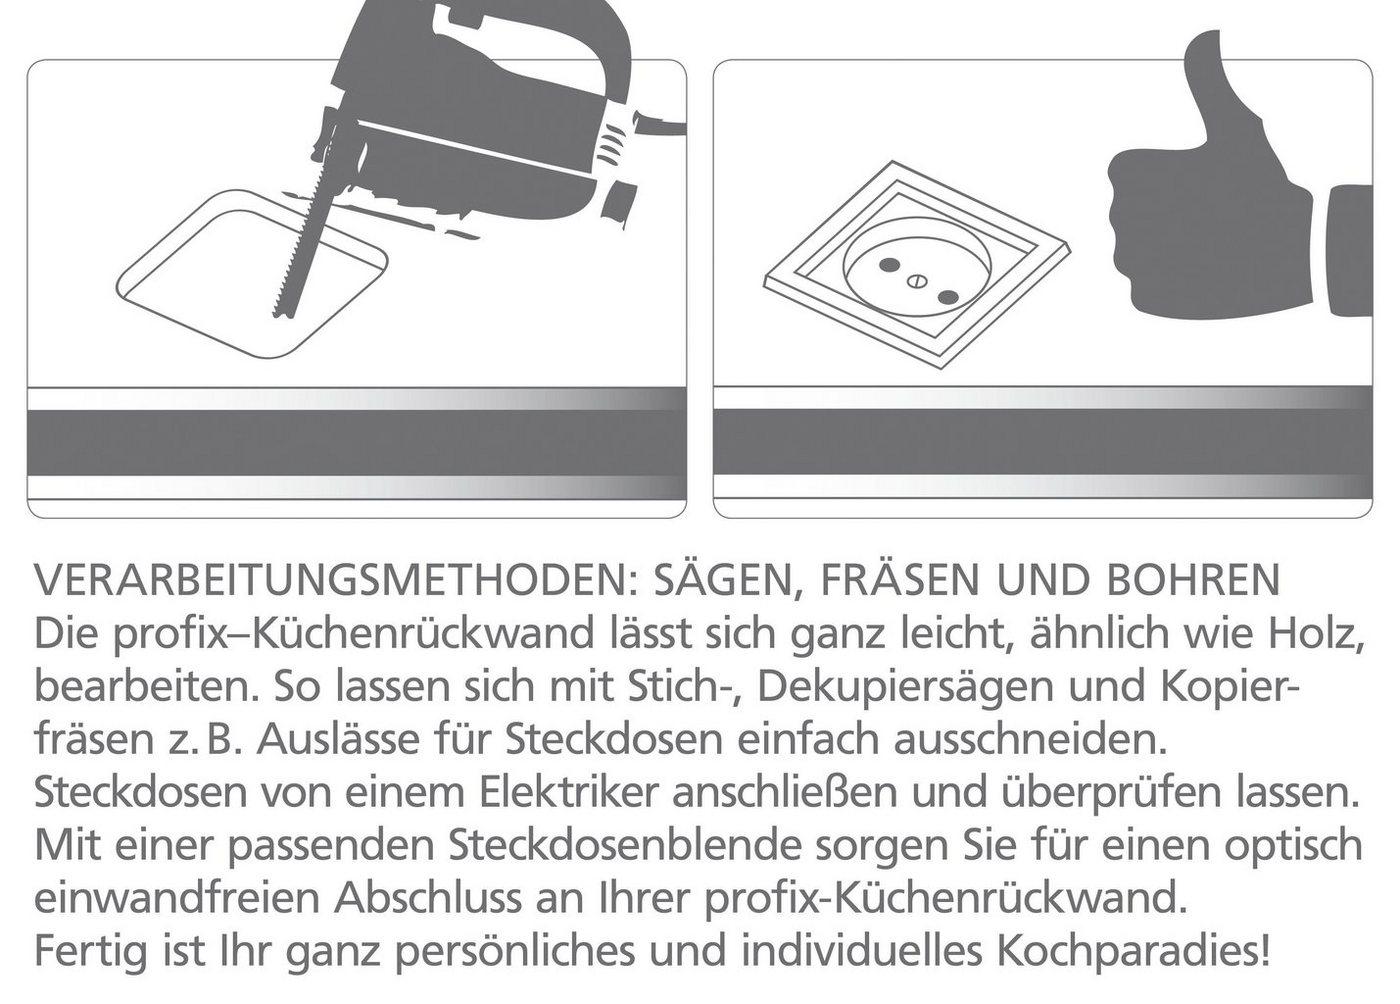 Küchenrückwand - Spritzschutz »profix«, Ludwig, 220x60 cm